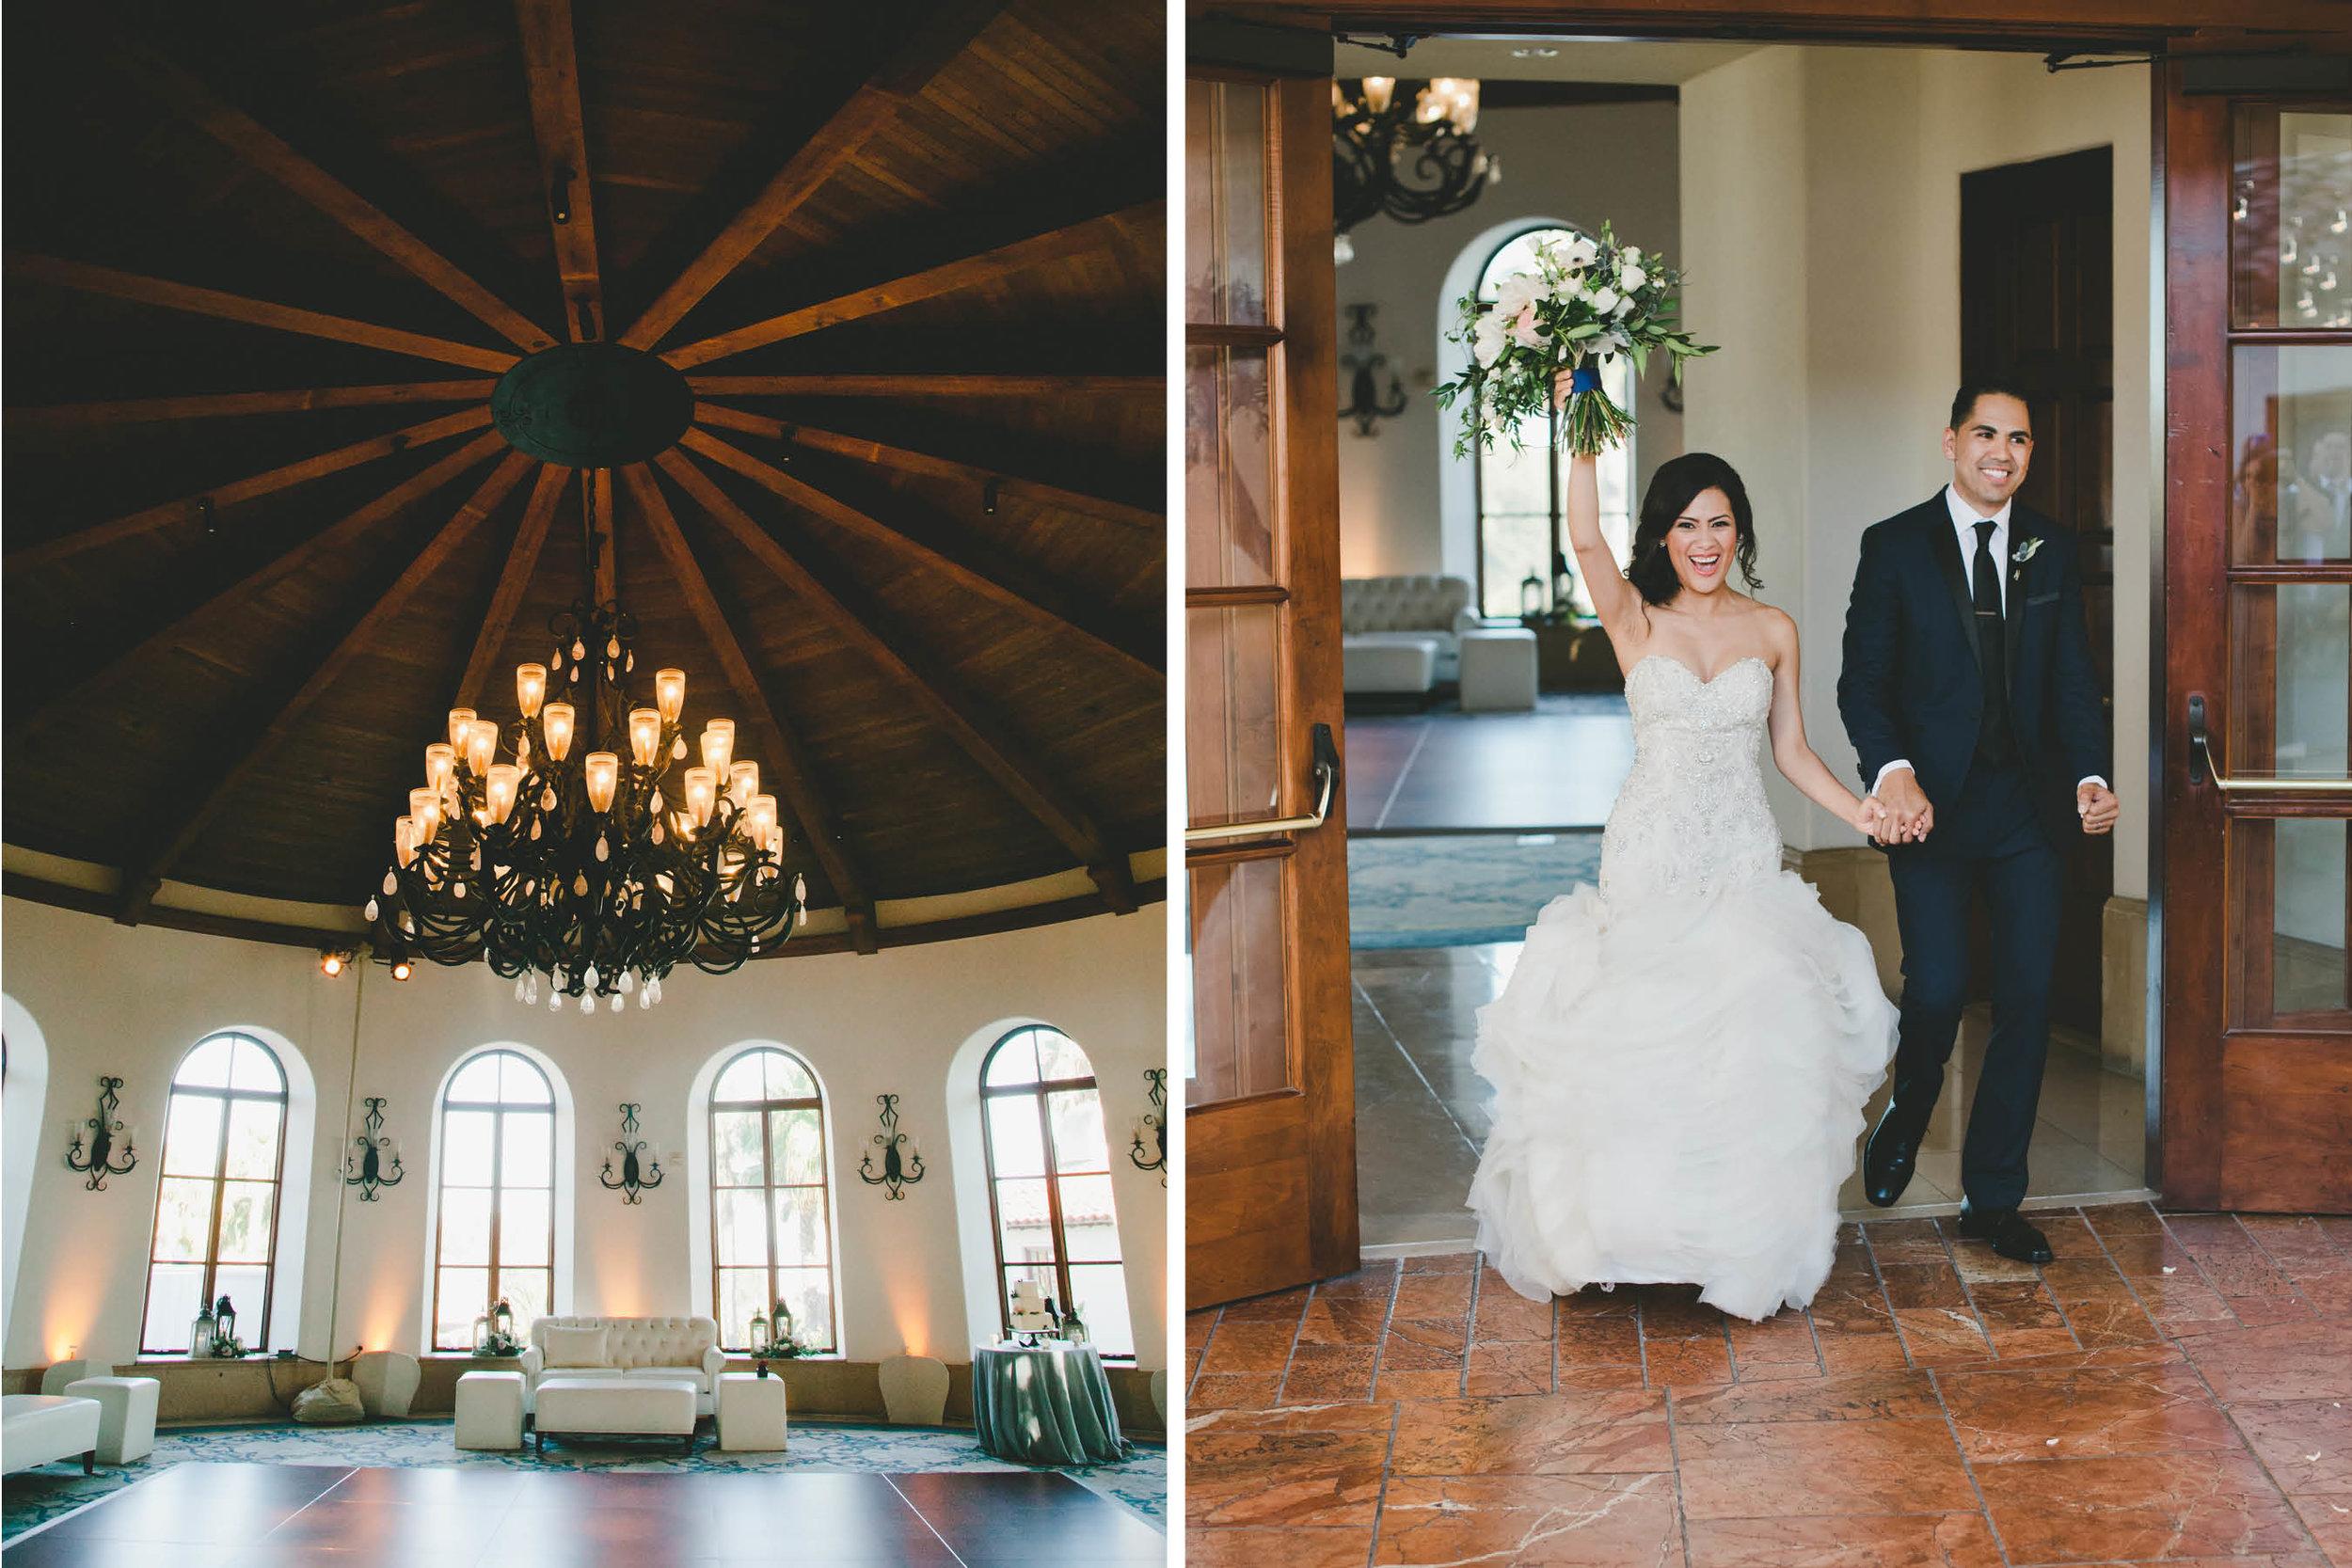 alegria-by-design-wedding-planner-coordinator-event-design-bacara-resort-santa-barbara-garden-ocean-view-beach-front-blue-pastel (24).jpg